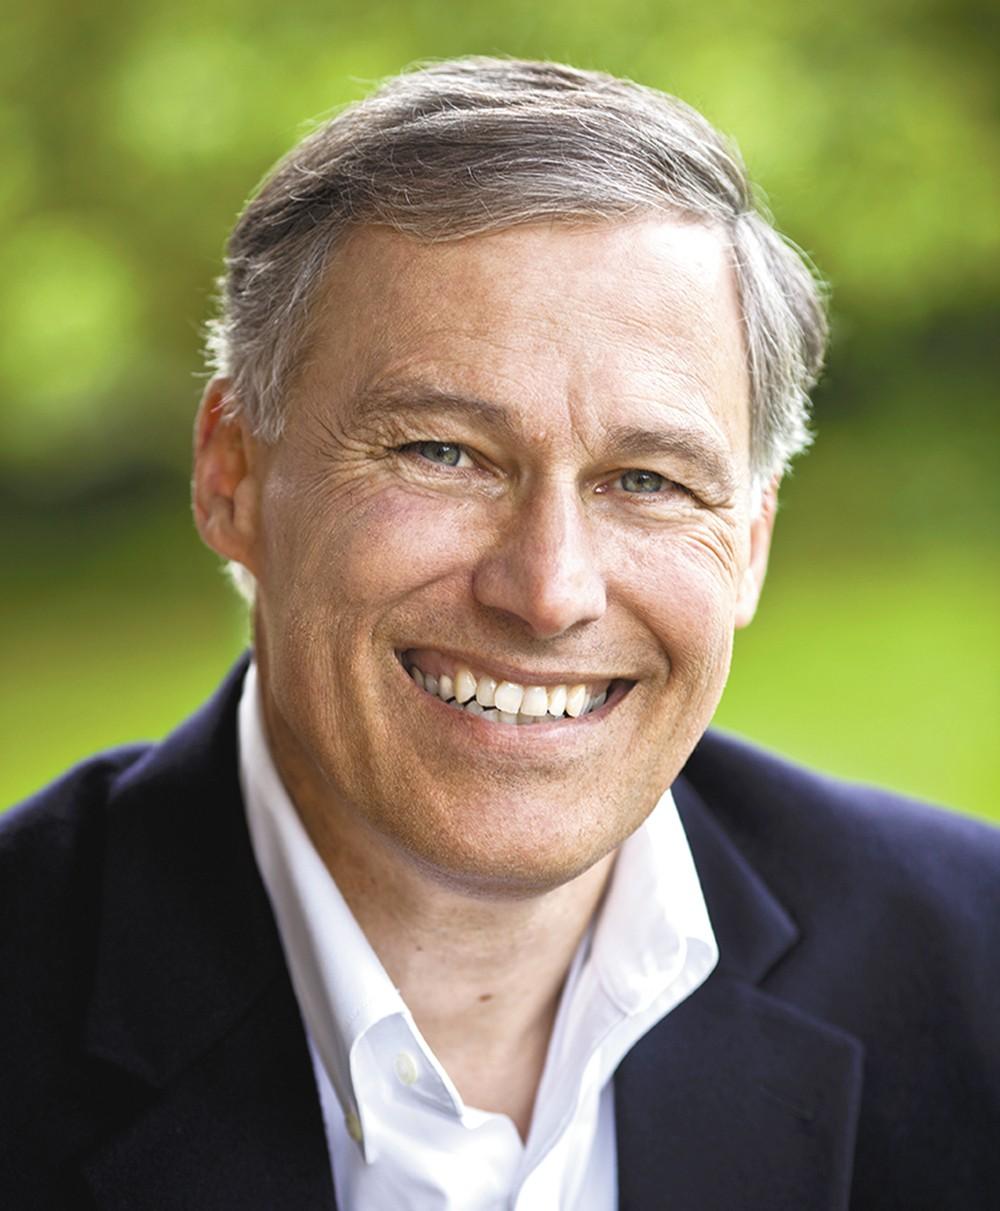 Gov. Jay Inslee was in Spokane last week talking about future transportation projects.